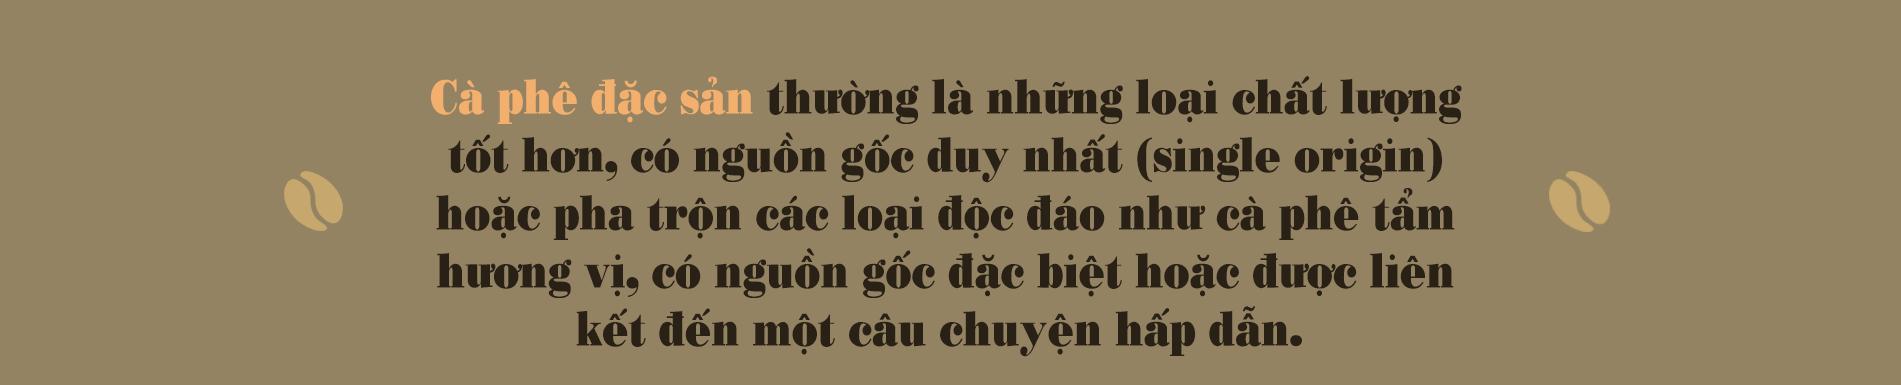 [eMagazine] Cà phê đặc sản: Cửa ngách để nâng tầm cà phê Việt - Ảnh 3.